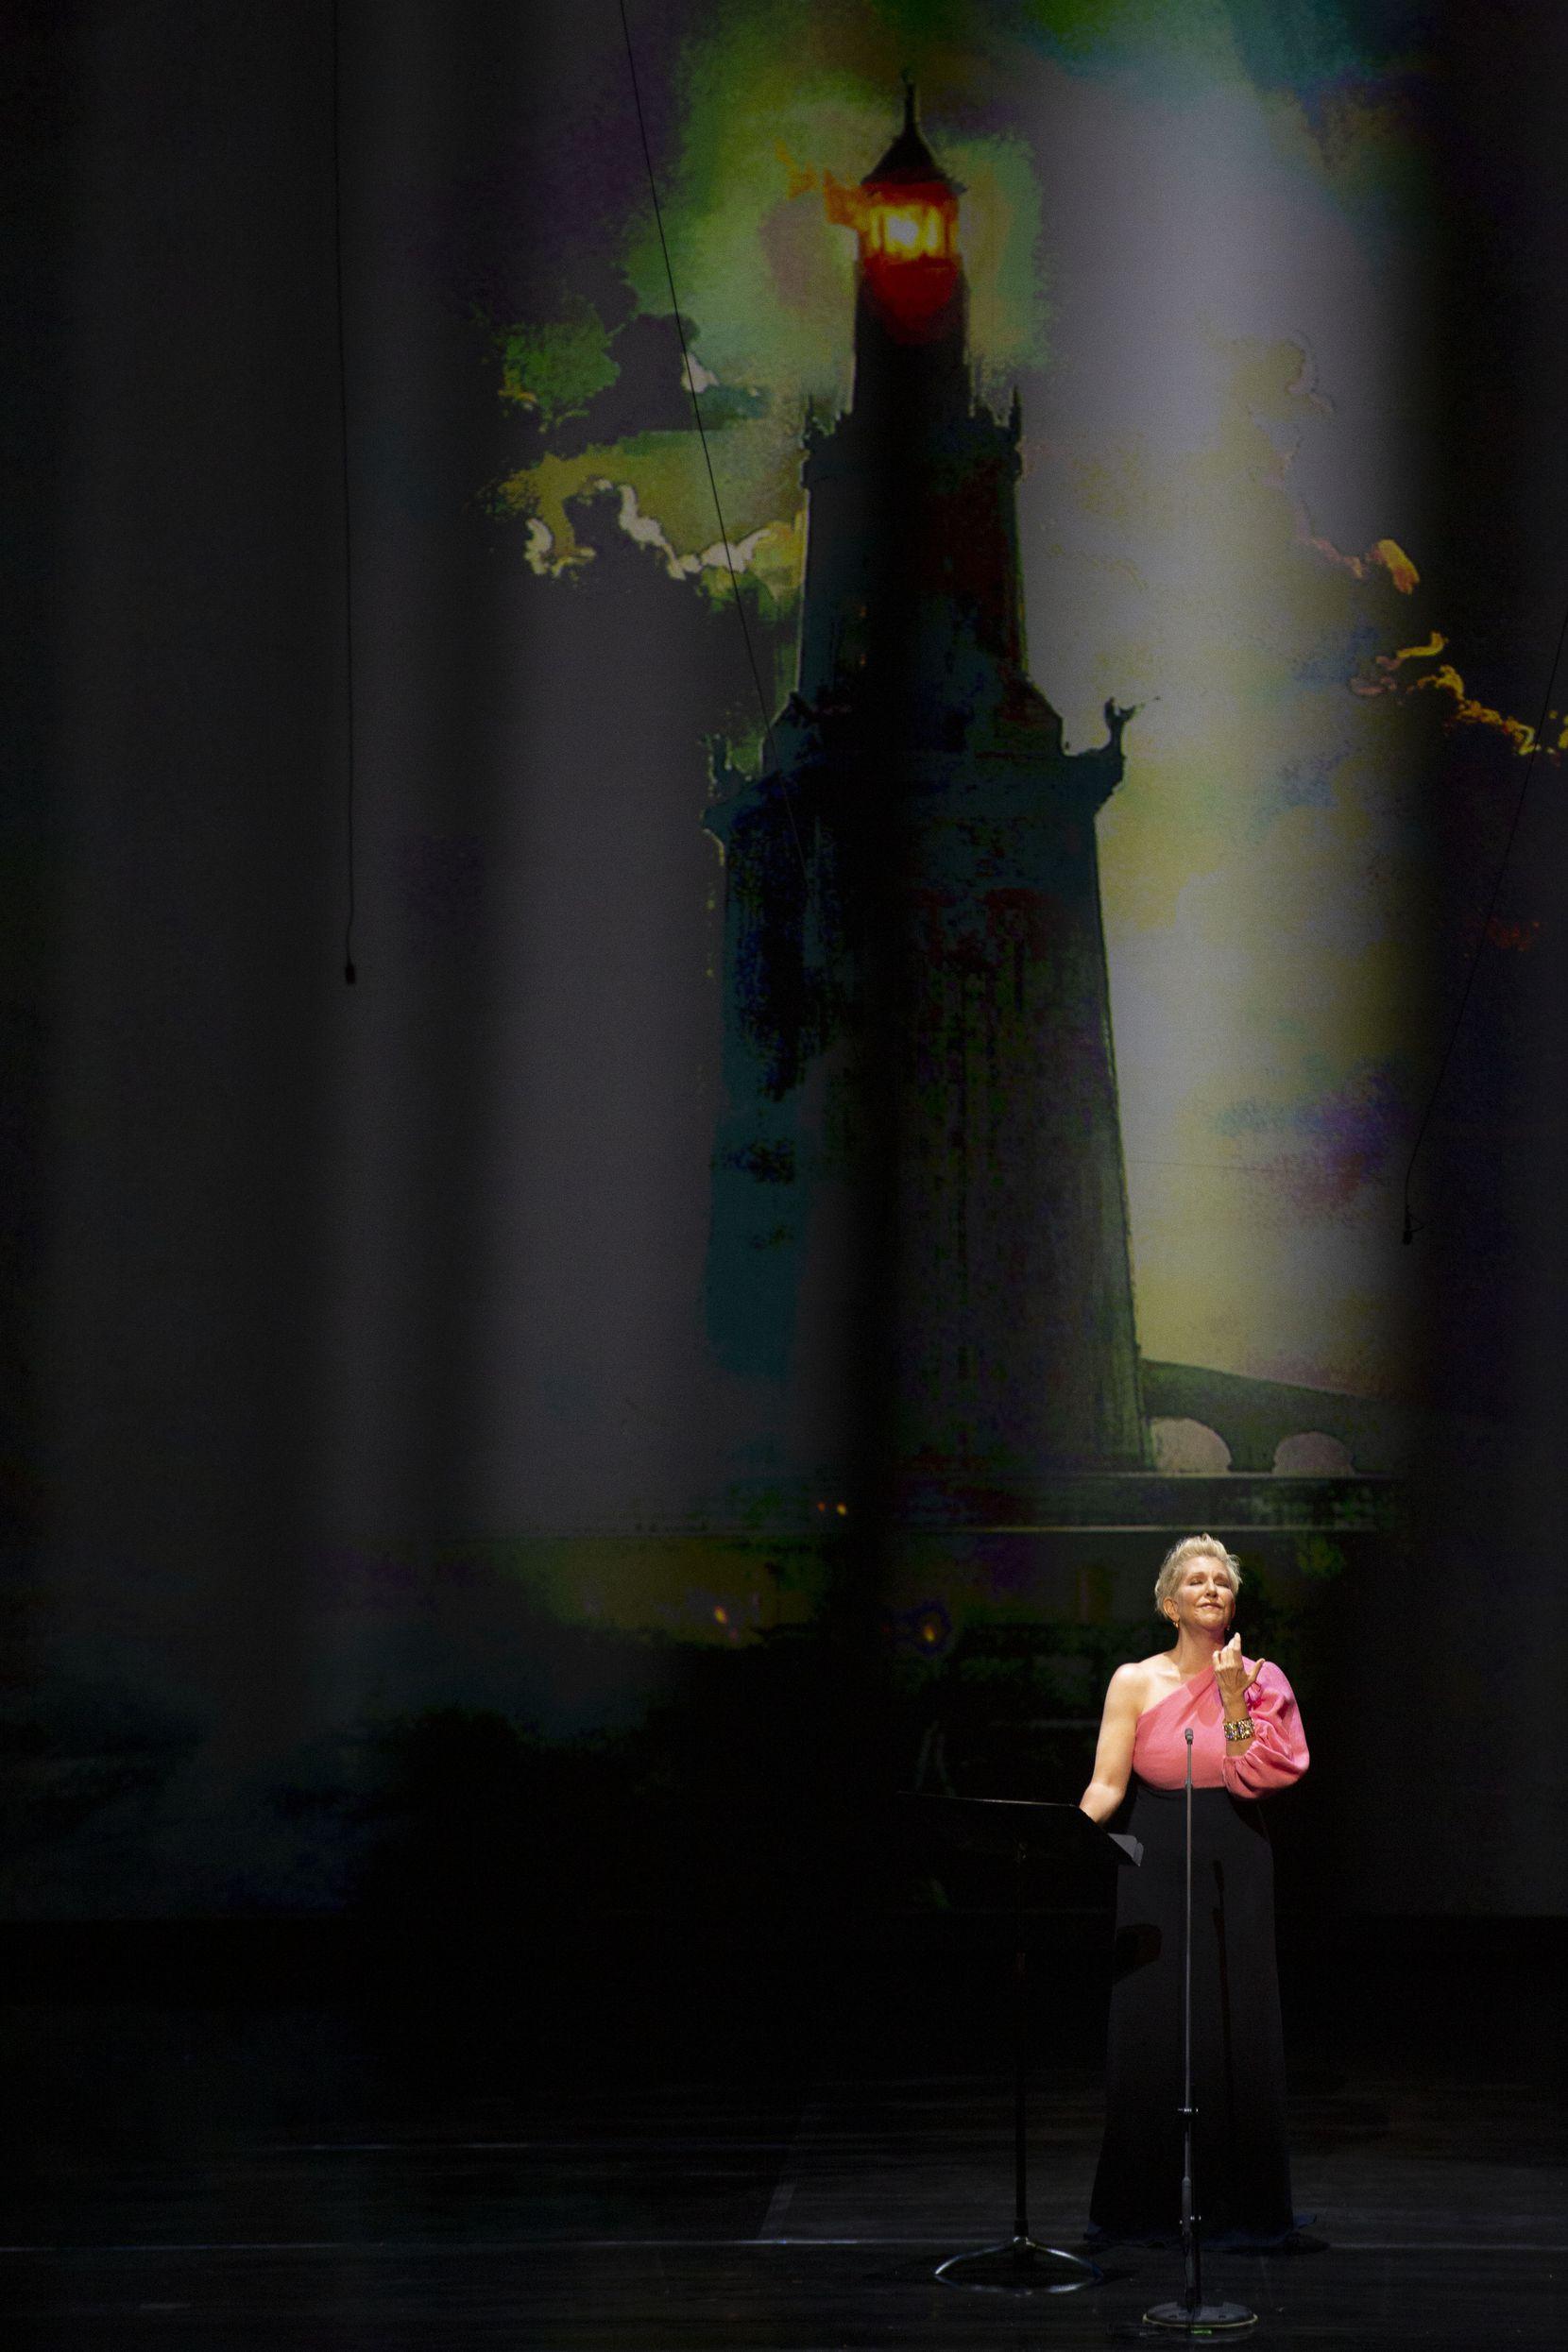 The Dallas Opera's mezzo-soprano Joyce DiDonato performs at Winspear Opera House in Dallas, Texas on Monday, May 10, 2021.